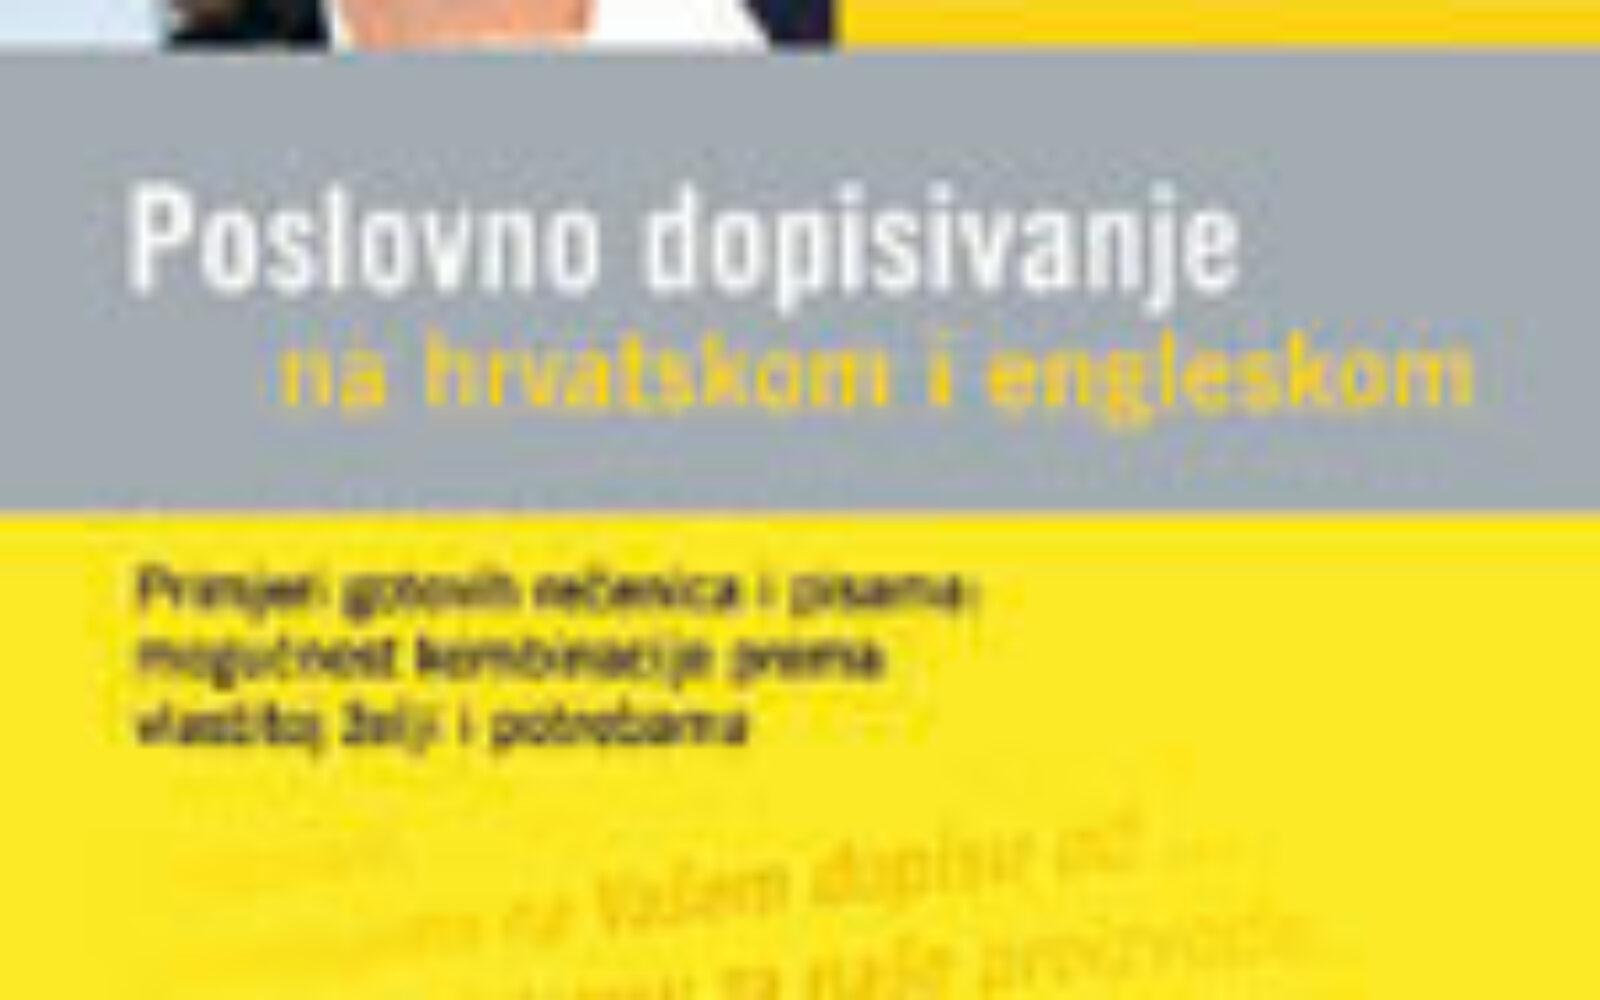 Poslovno dopisivanje - Na hrvatskom i engleskom - Poslovni